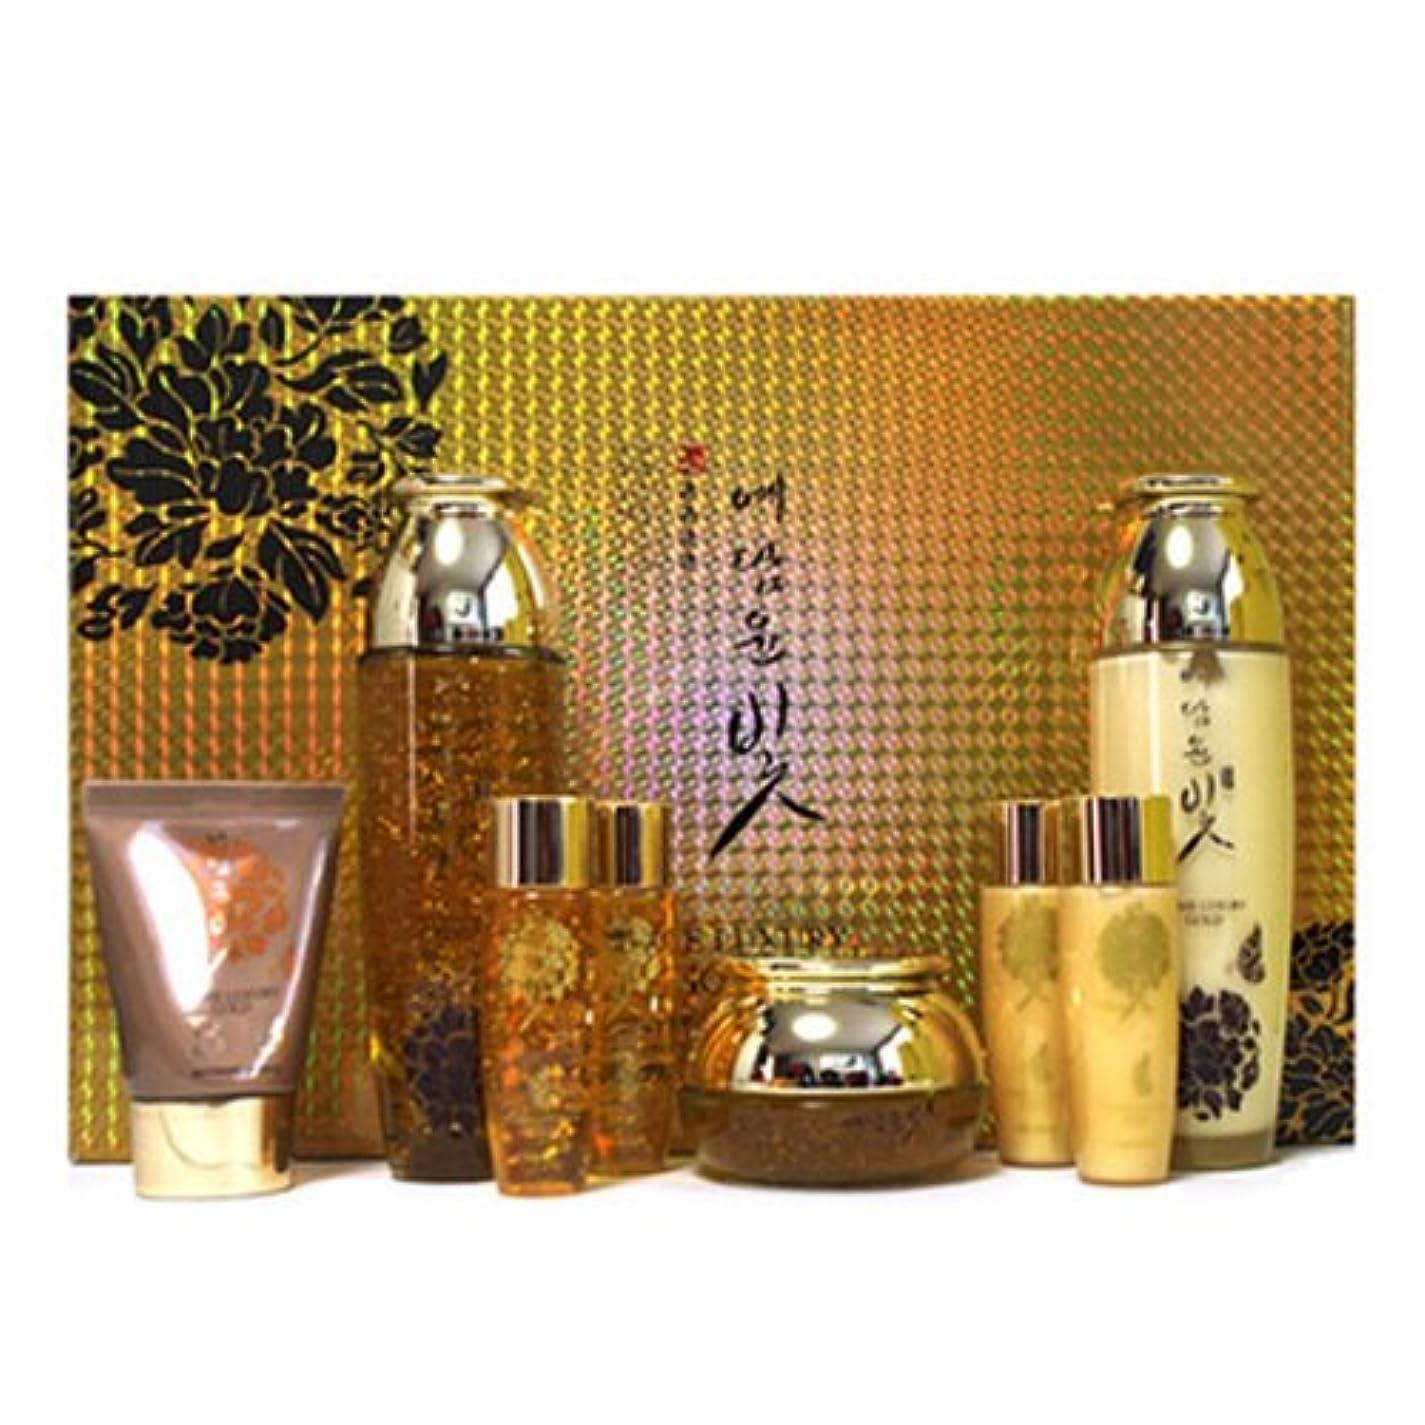 せっかち誓約キャンパスイェダムユンビト[韓国コスメYedam Yun Bit]Prime Luxury Gold Skin Care Set プライムラグジュアリーゴールドスキンケア4セット 樹液 乳液 クリーム/ BBクリーム [並行輸入品]